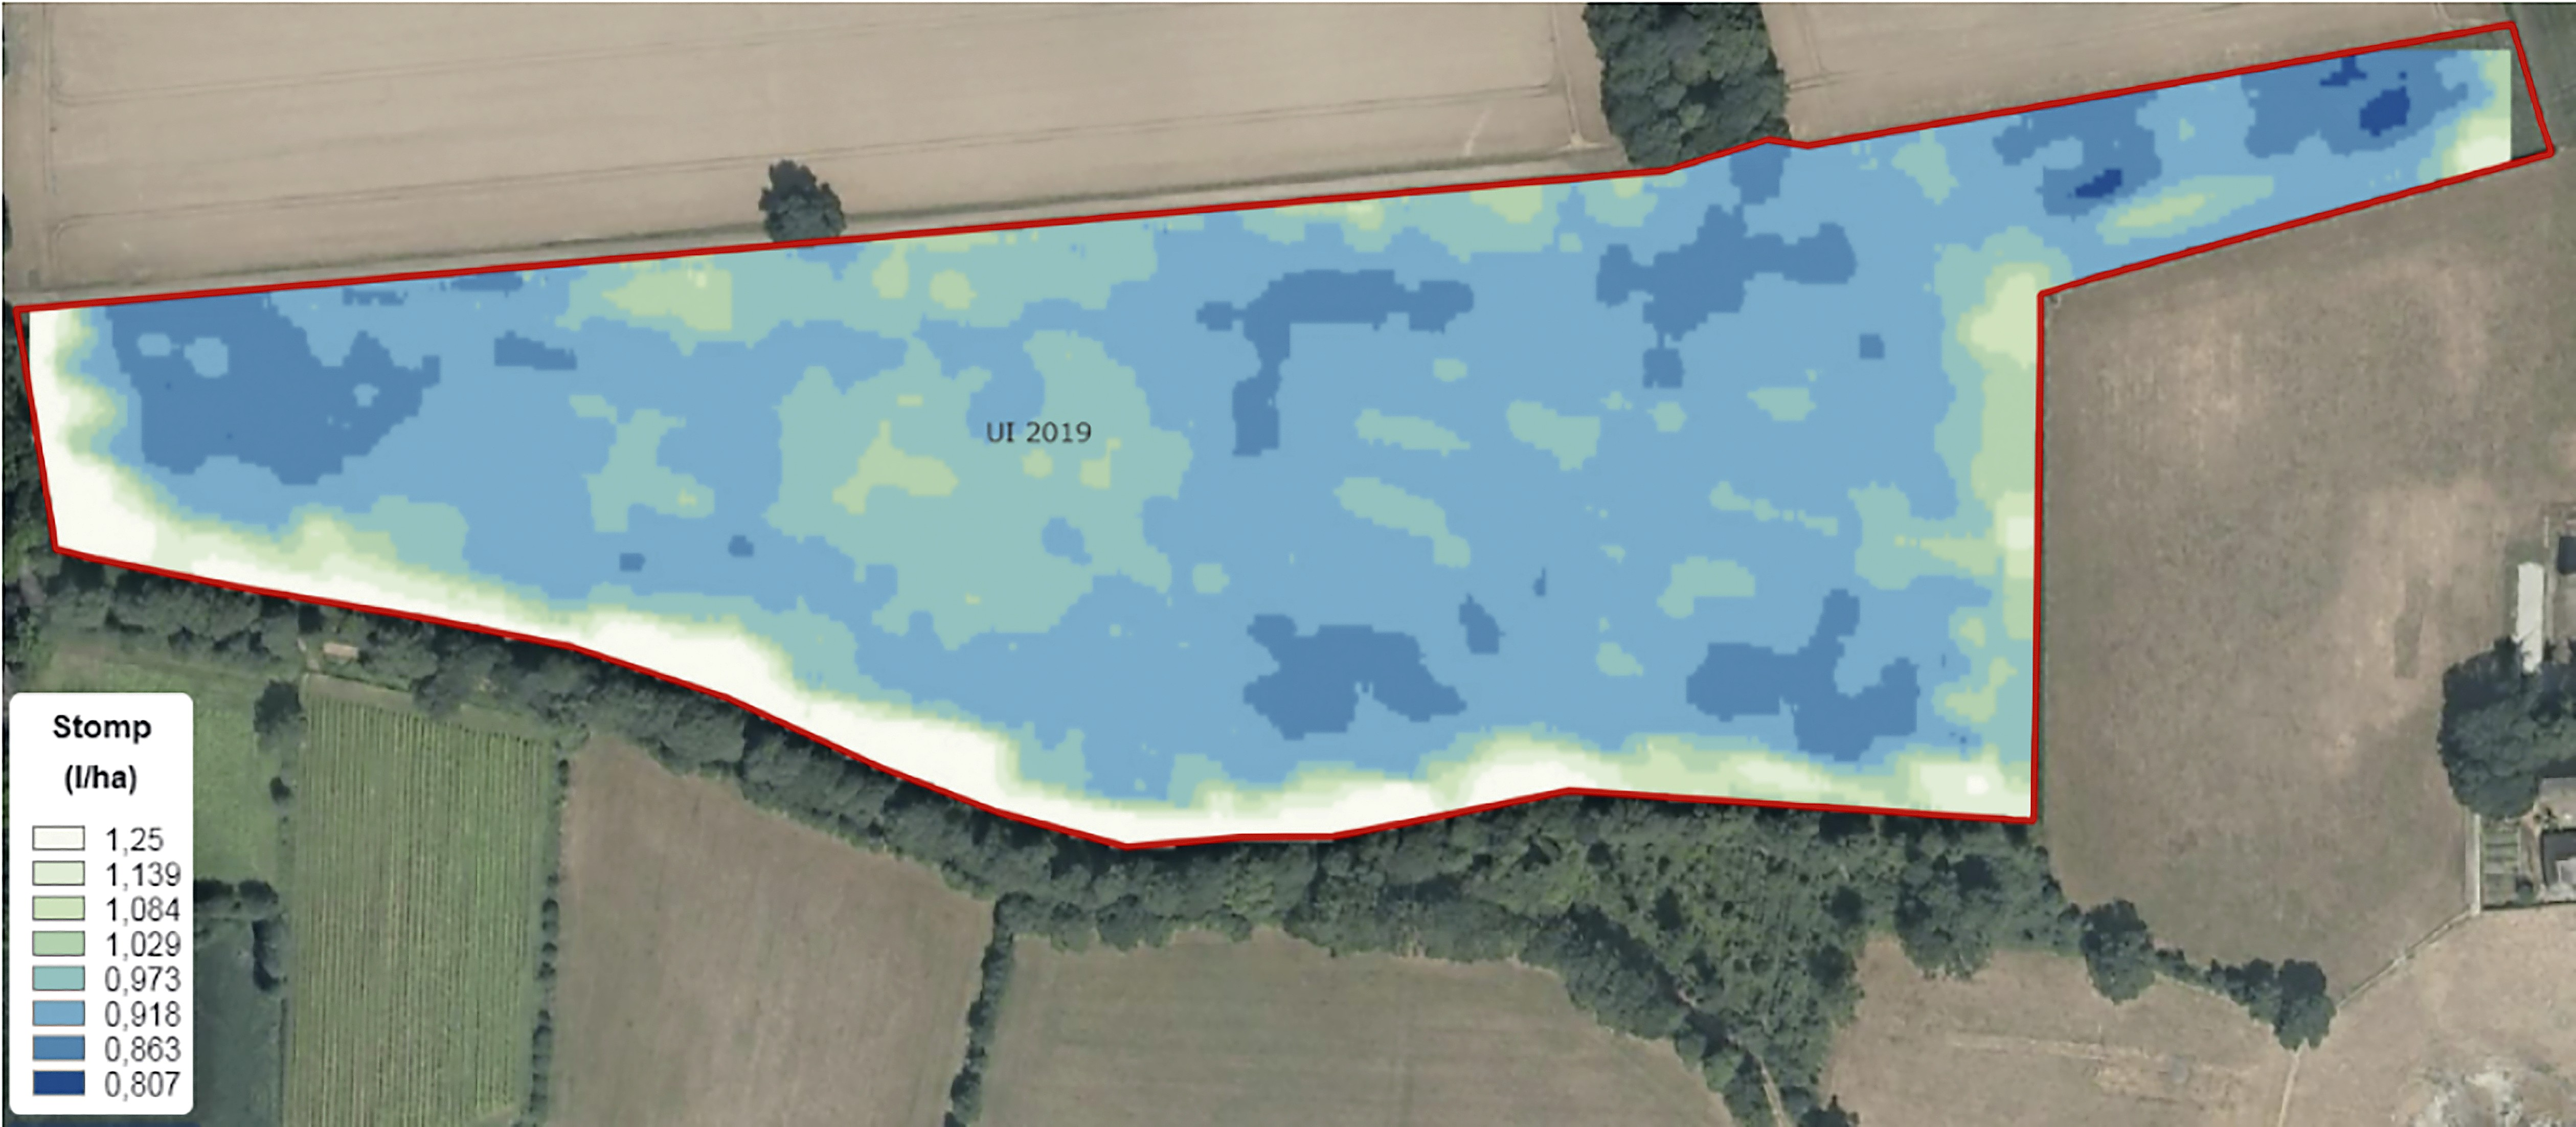 In deze kaart is op basis van de organischestof in de bodem een potentiële variatie in de dosering te zien van 0,807 – 1,25 L Stomp per ha. De kaart is te fijnmazig is voor een 33 meter spuit die alleen op boombreedte kan variëren